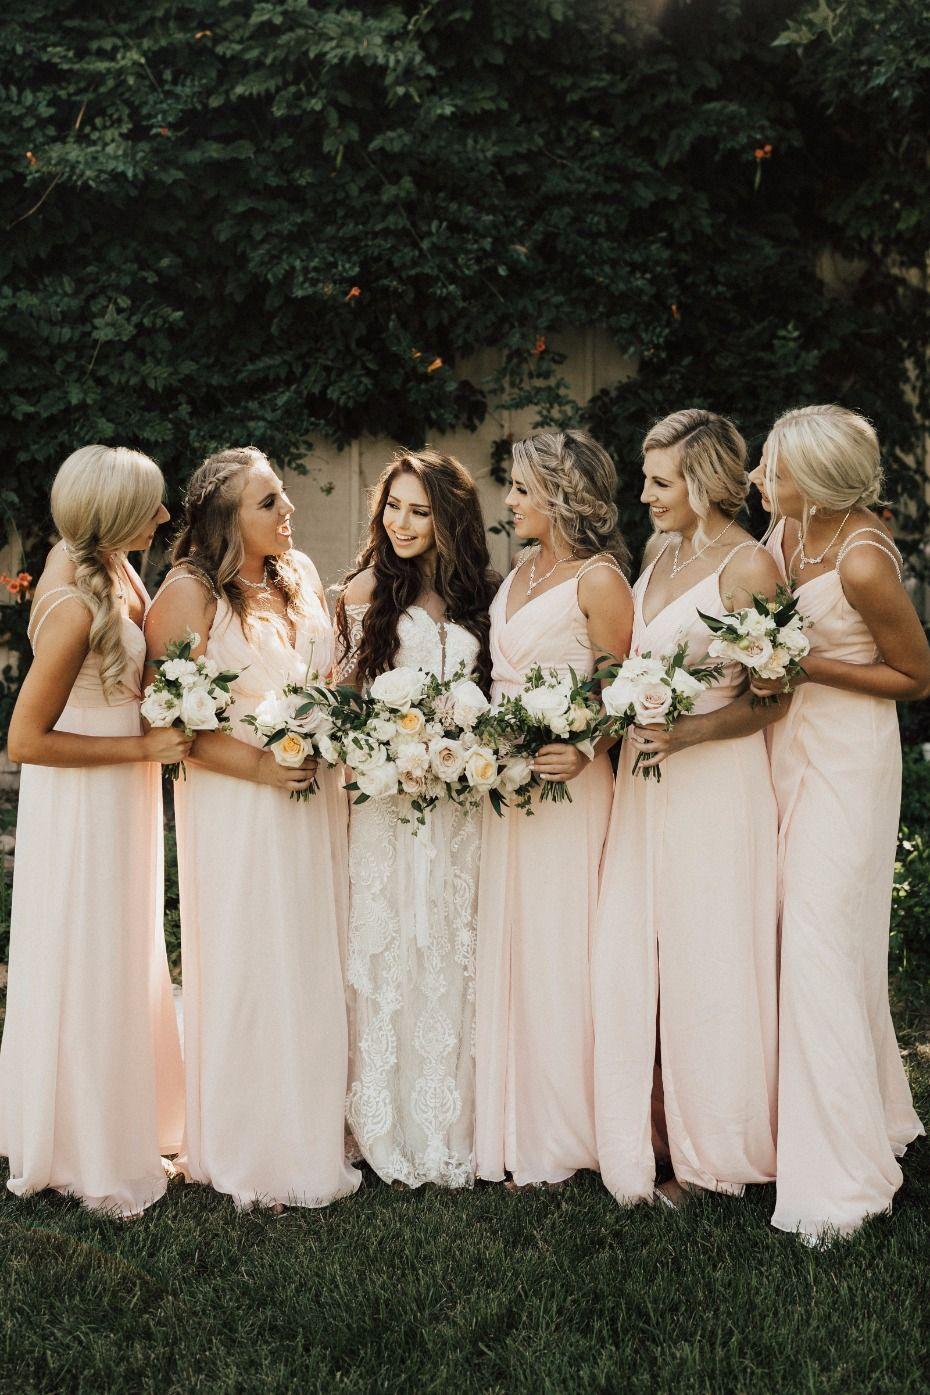 Rustic Chic Bridesmaid Dresses